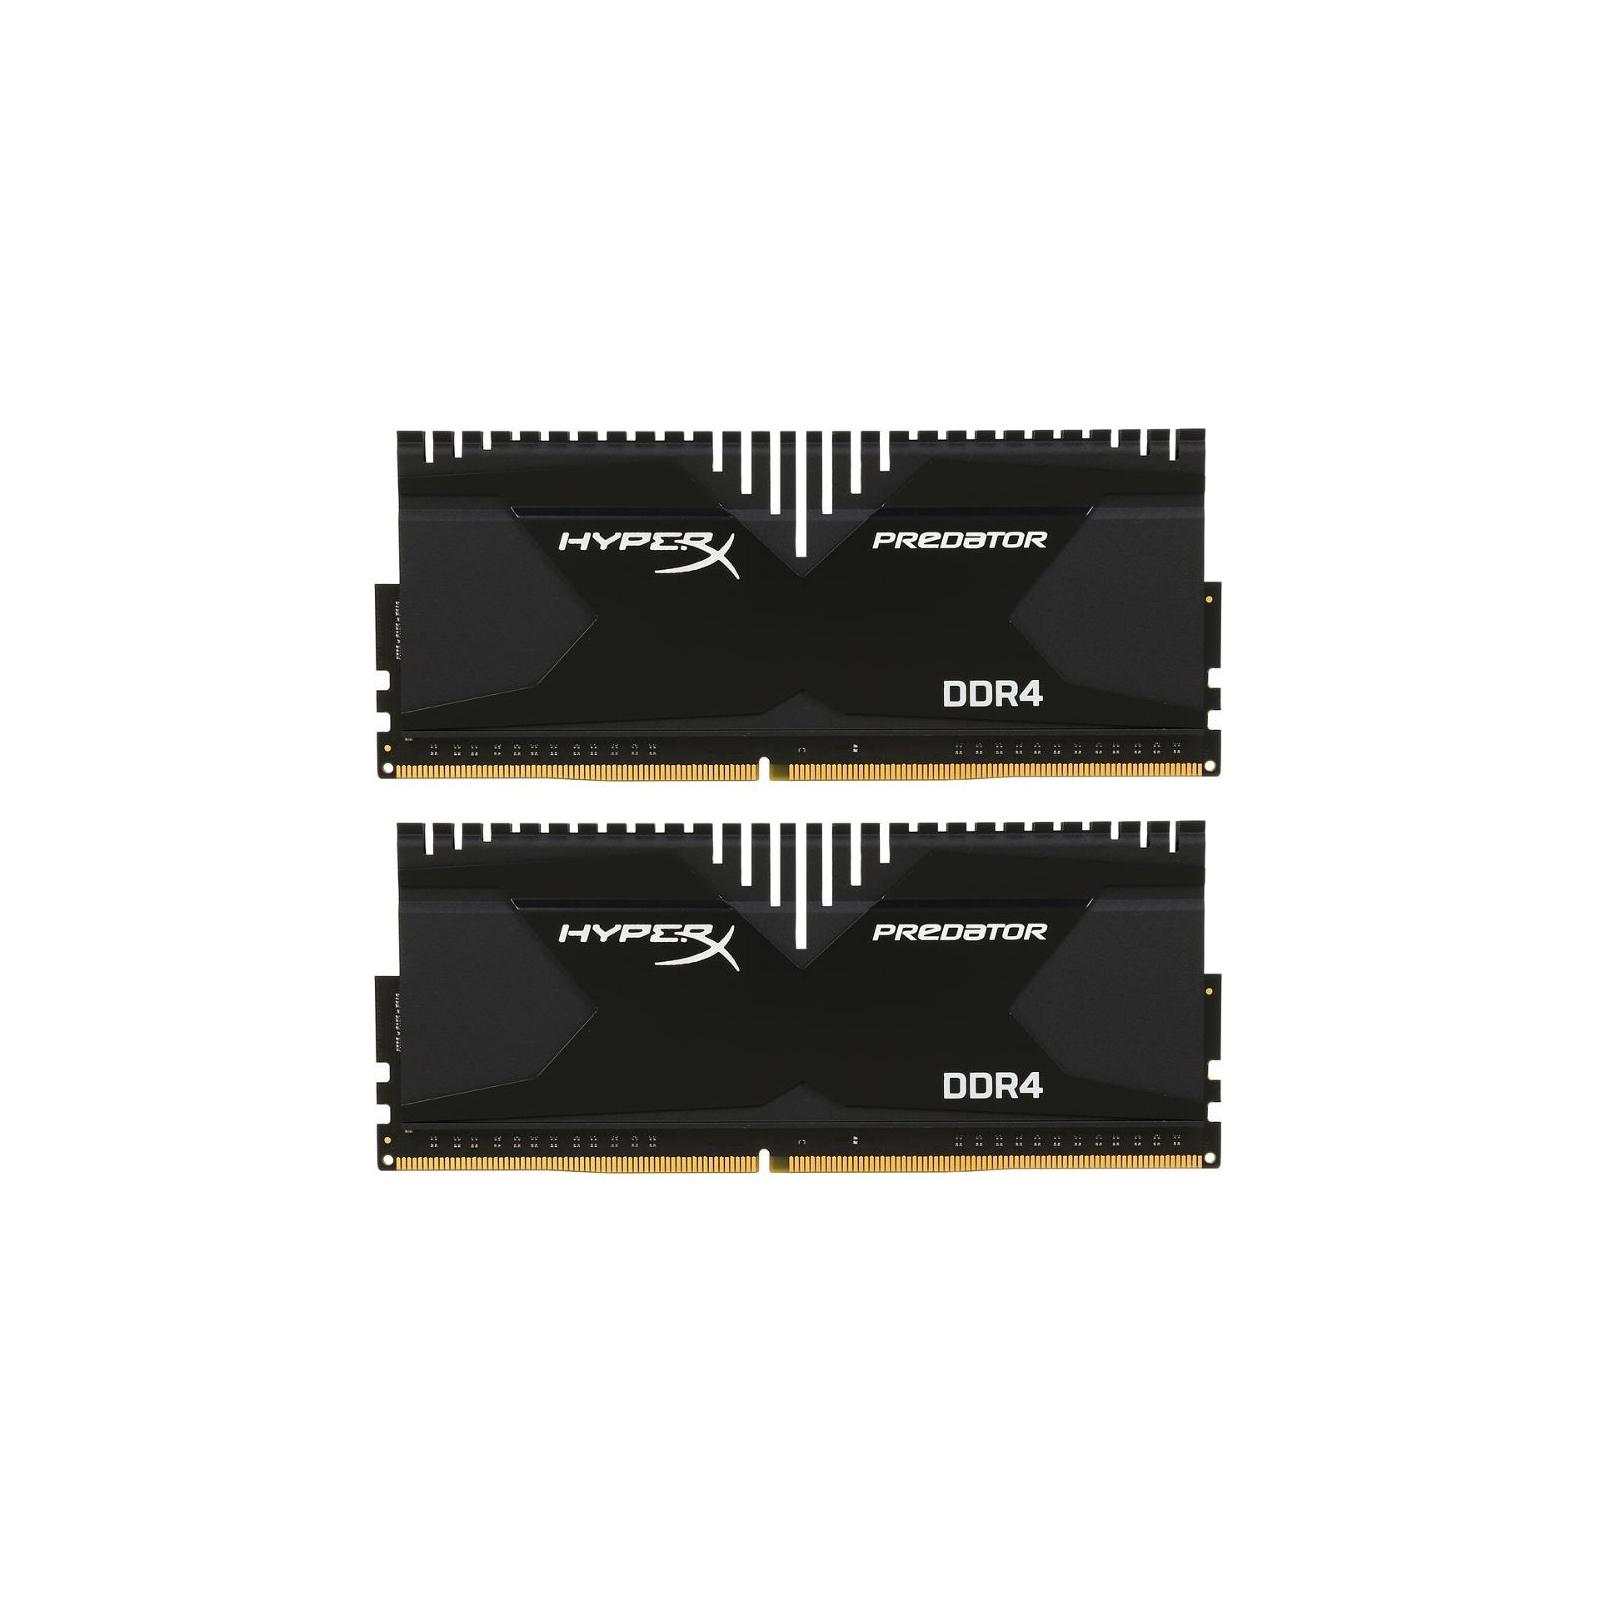 Модуль памяти для компьютера DDR4 32GB (2x16GB) 3000 MHz HyperX Predator Kingston (HX430C16PBK2/32)